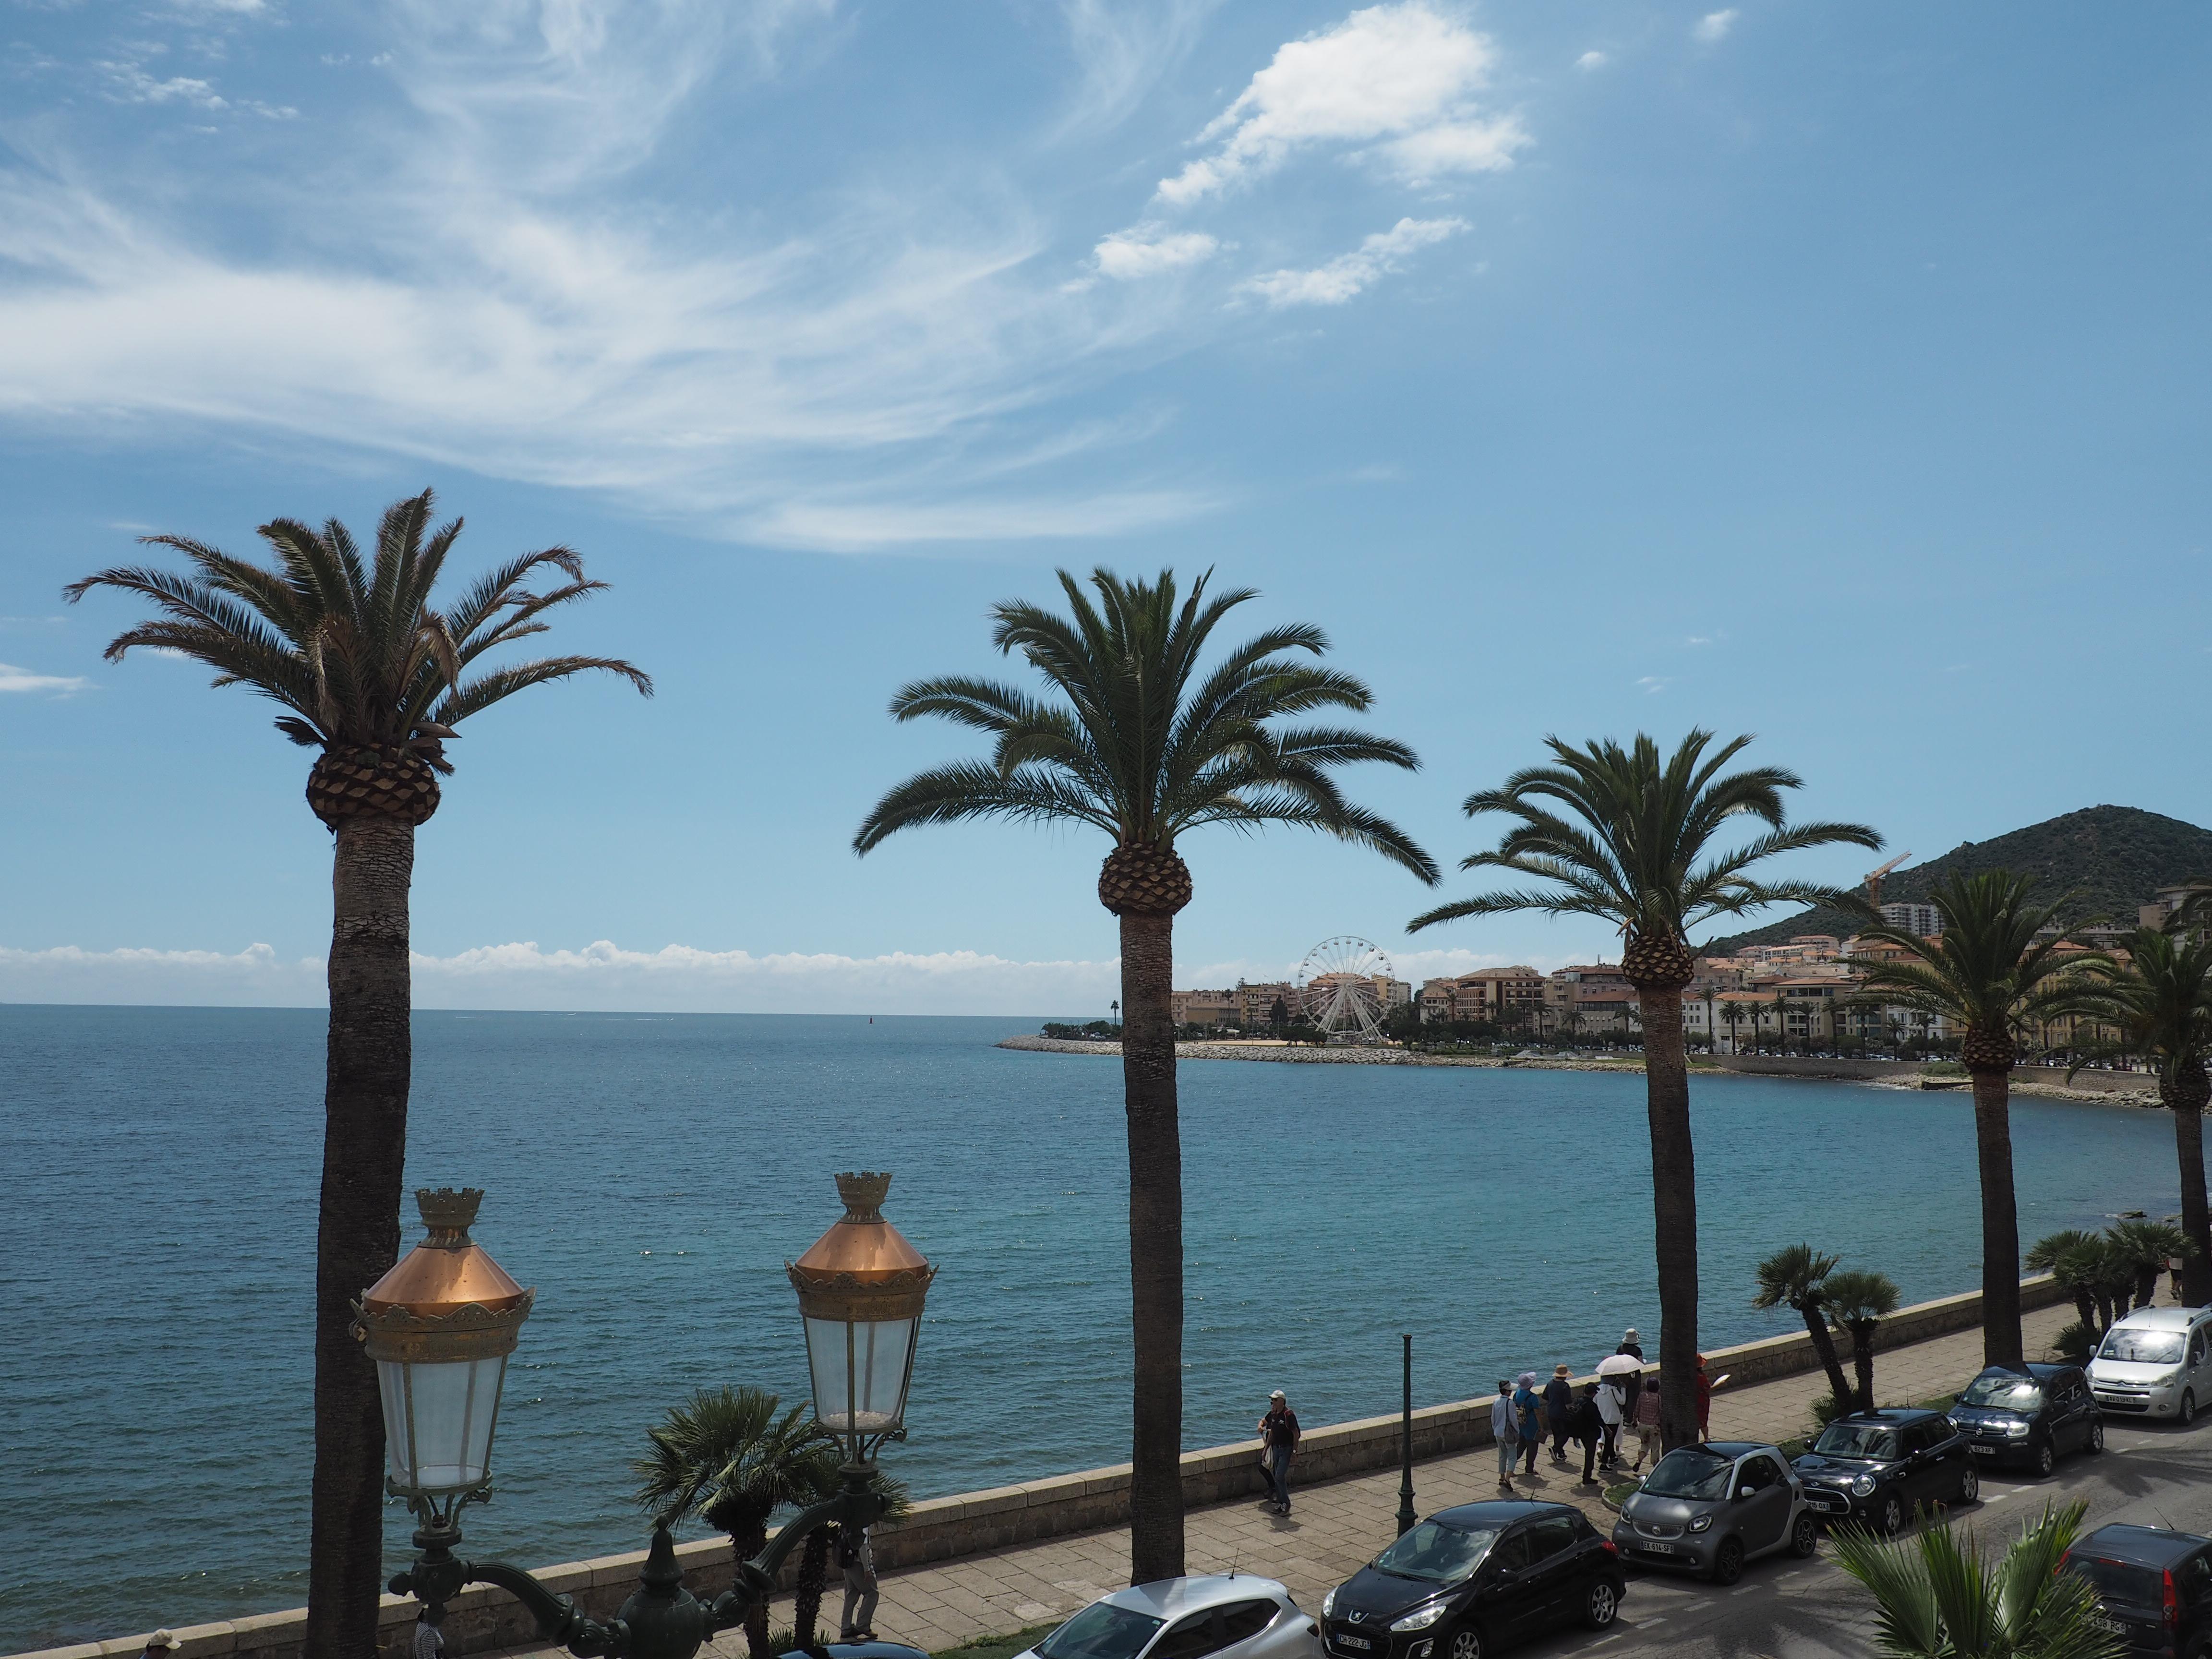 Palmen säumen die Uferpromenade von Ajaccio, der Hauptstadt von Korsika